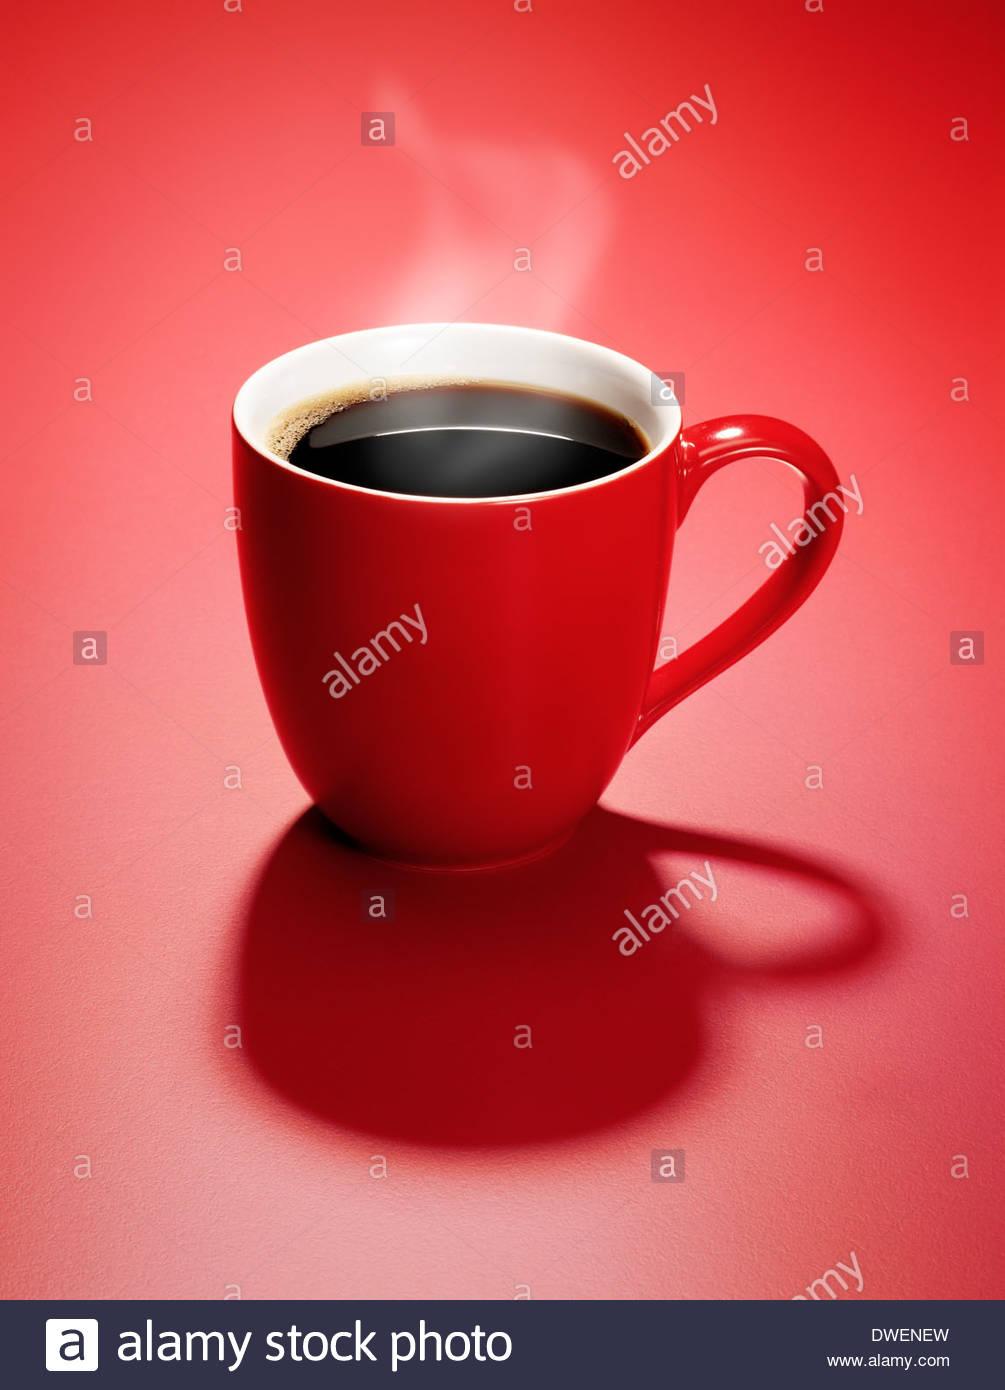 caffeine photos caffeine images alamy. Black Bedroom Furniture Sets. Home Design Ideas